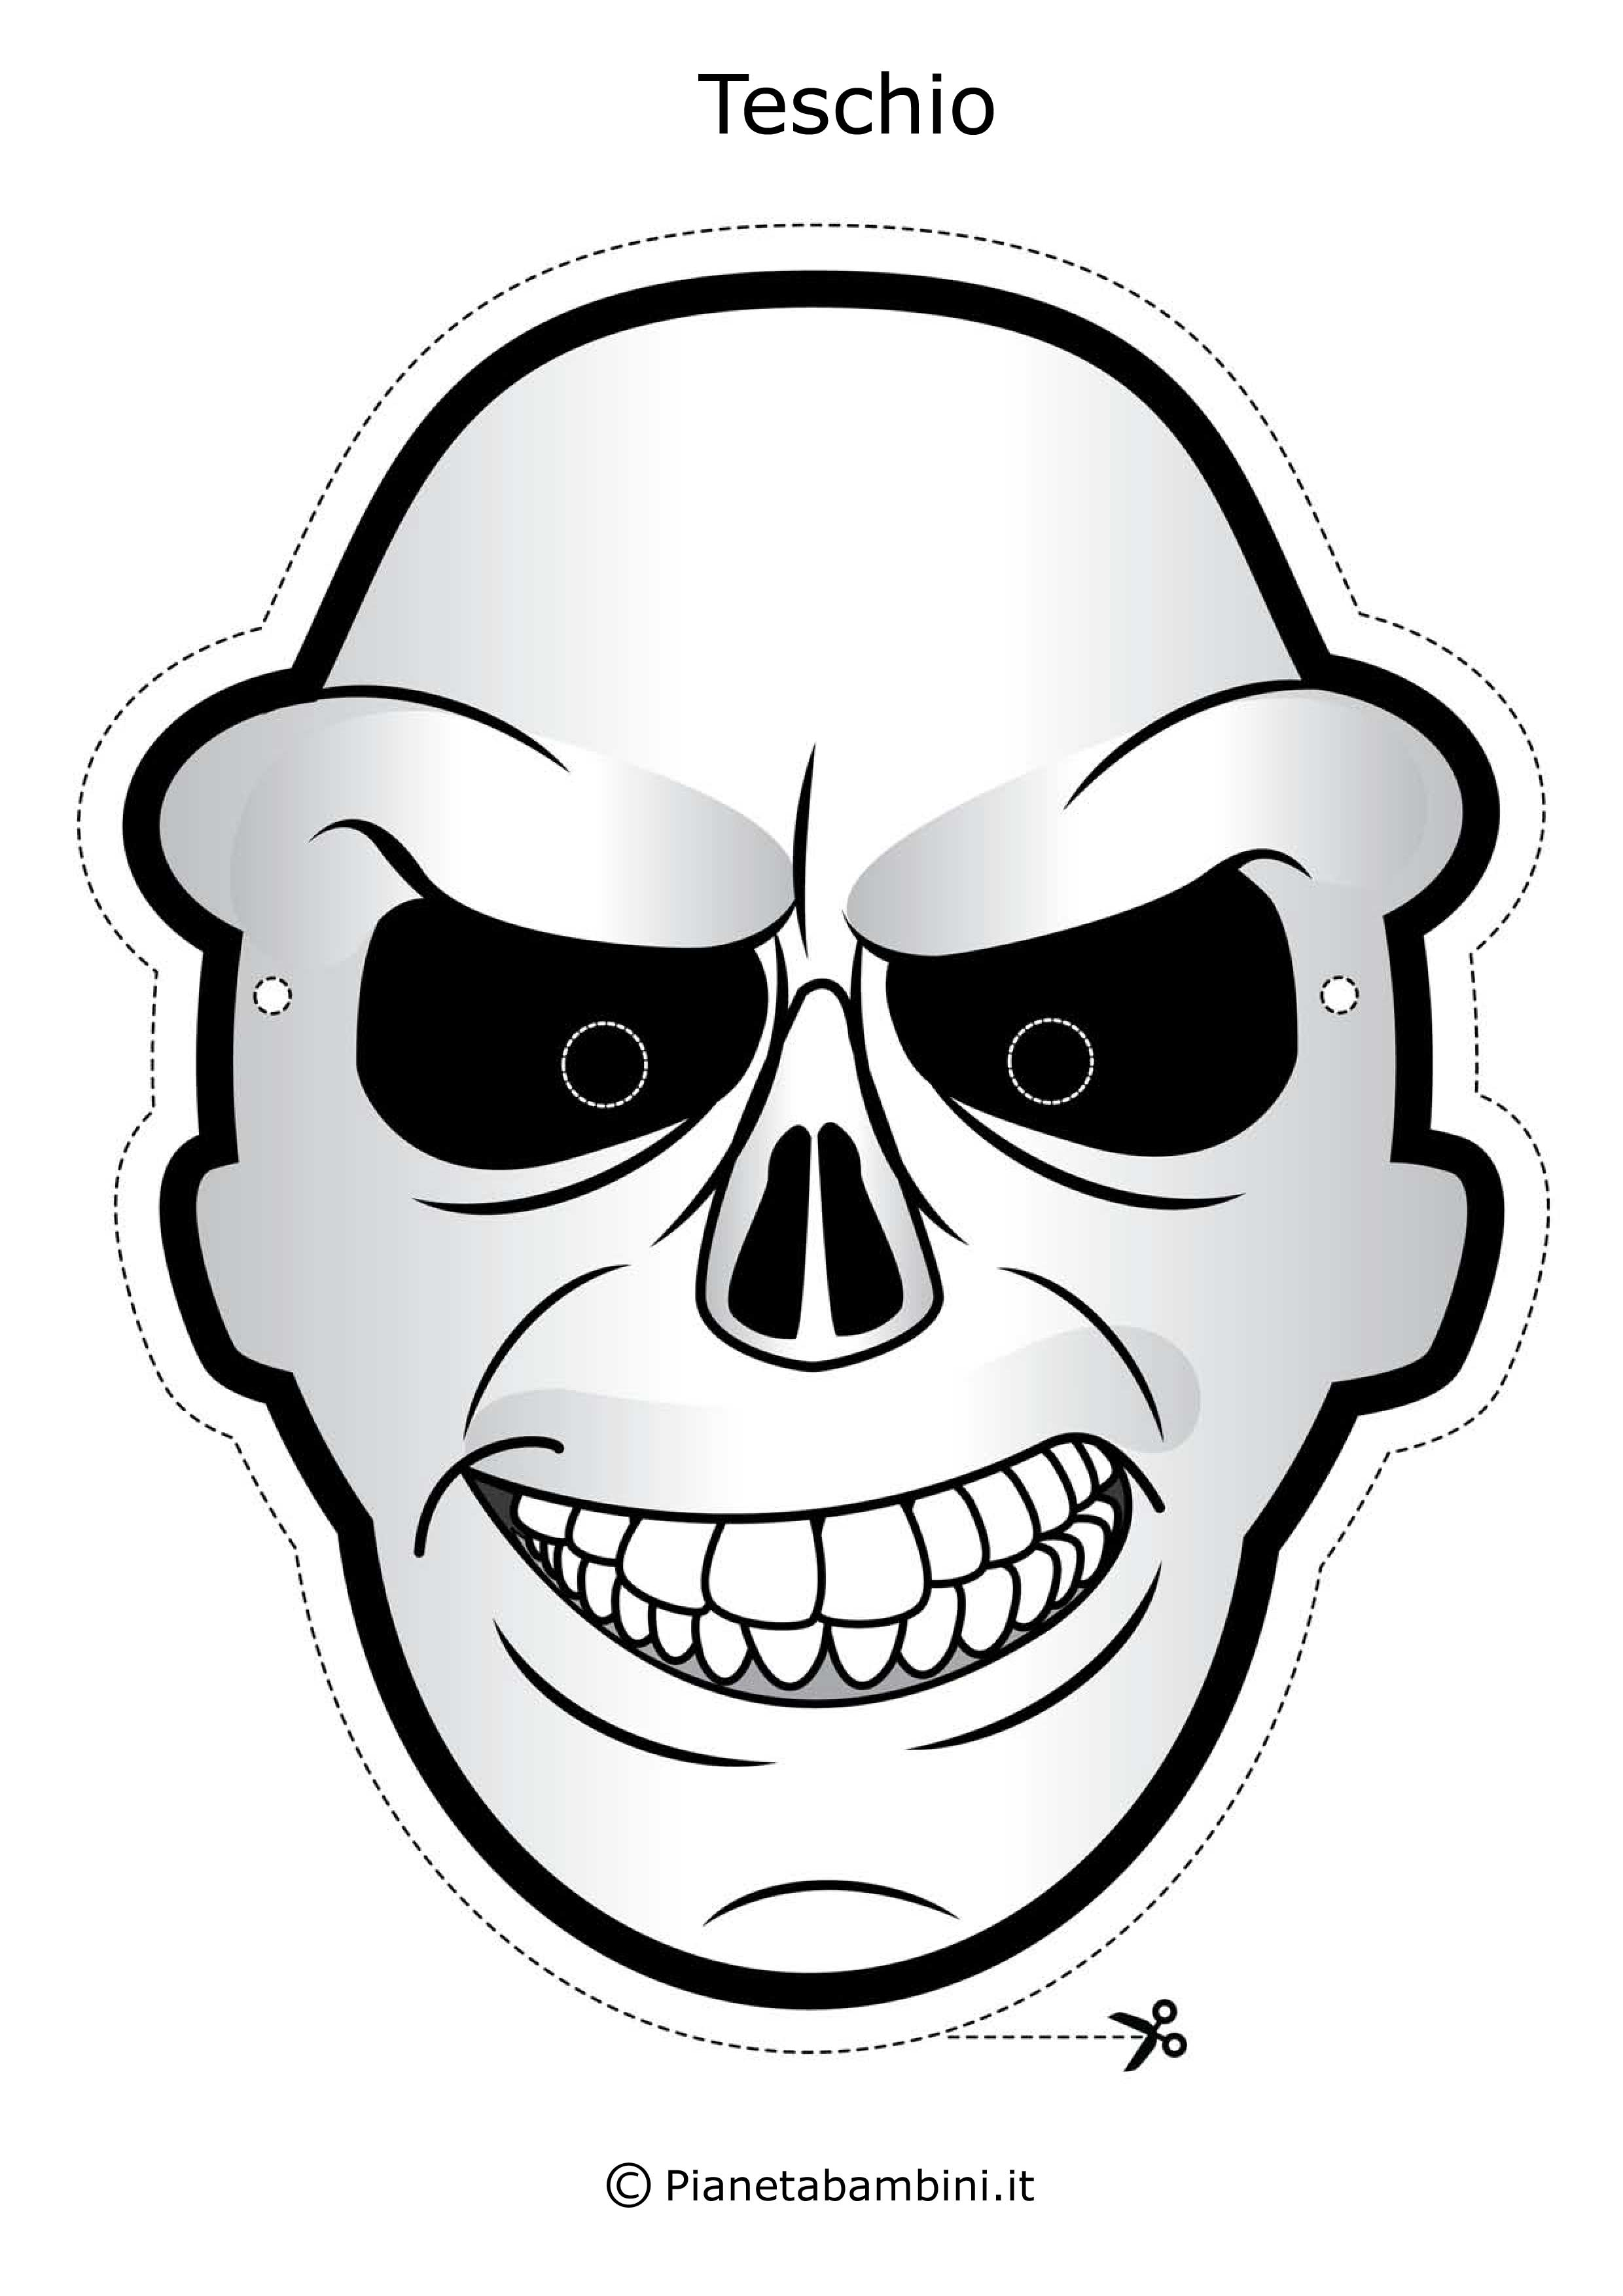 Maschere di halloween da stampare e colorare o gi for Pianetabambini it maschere di carnevale